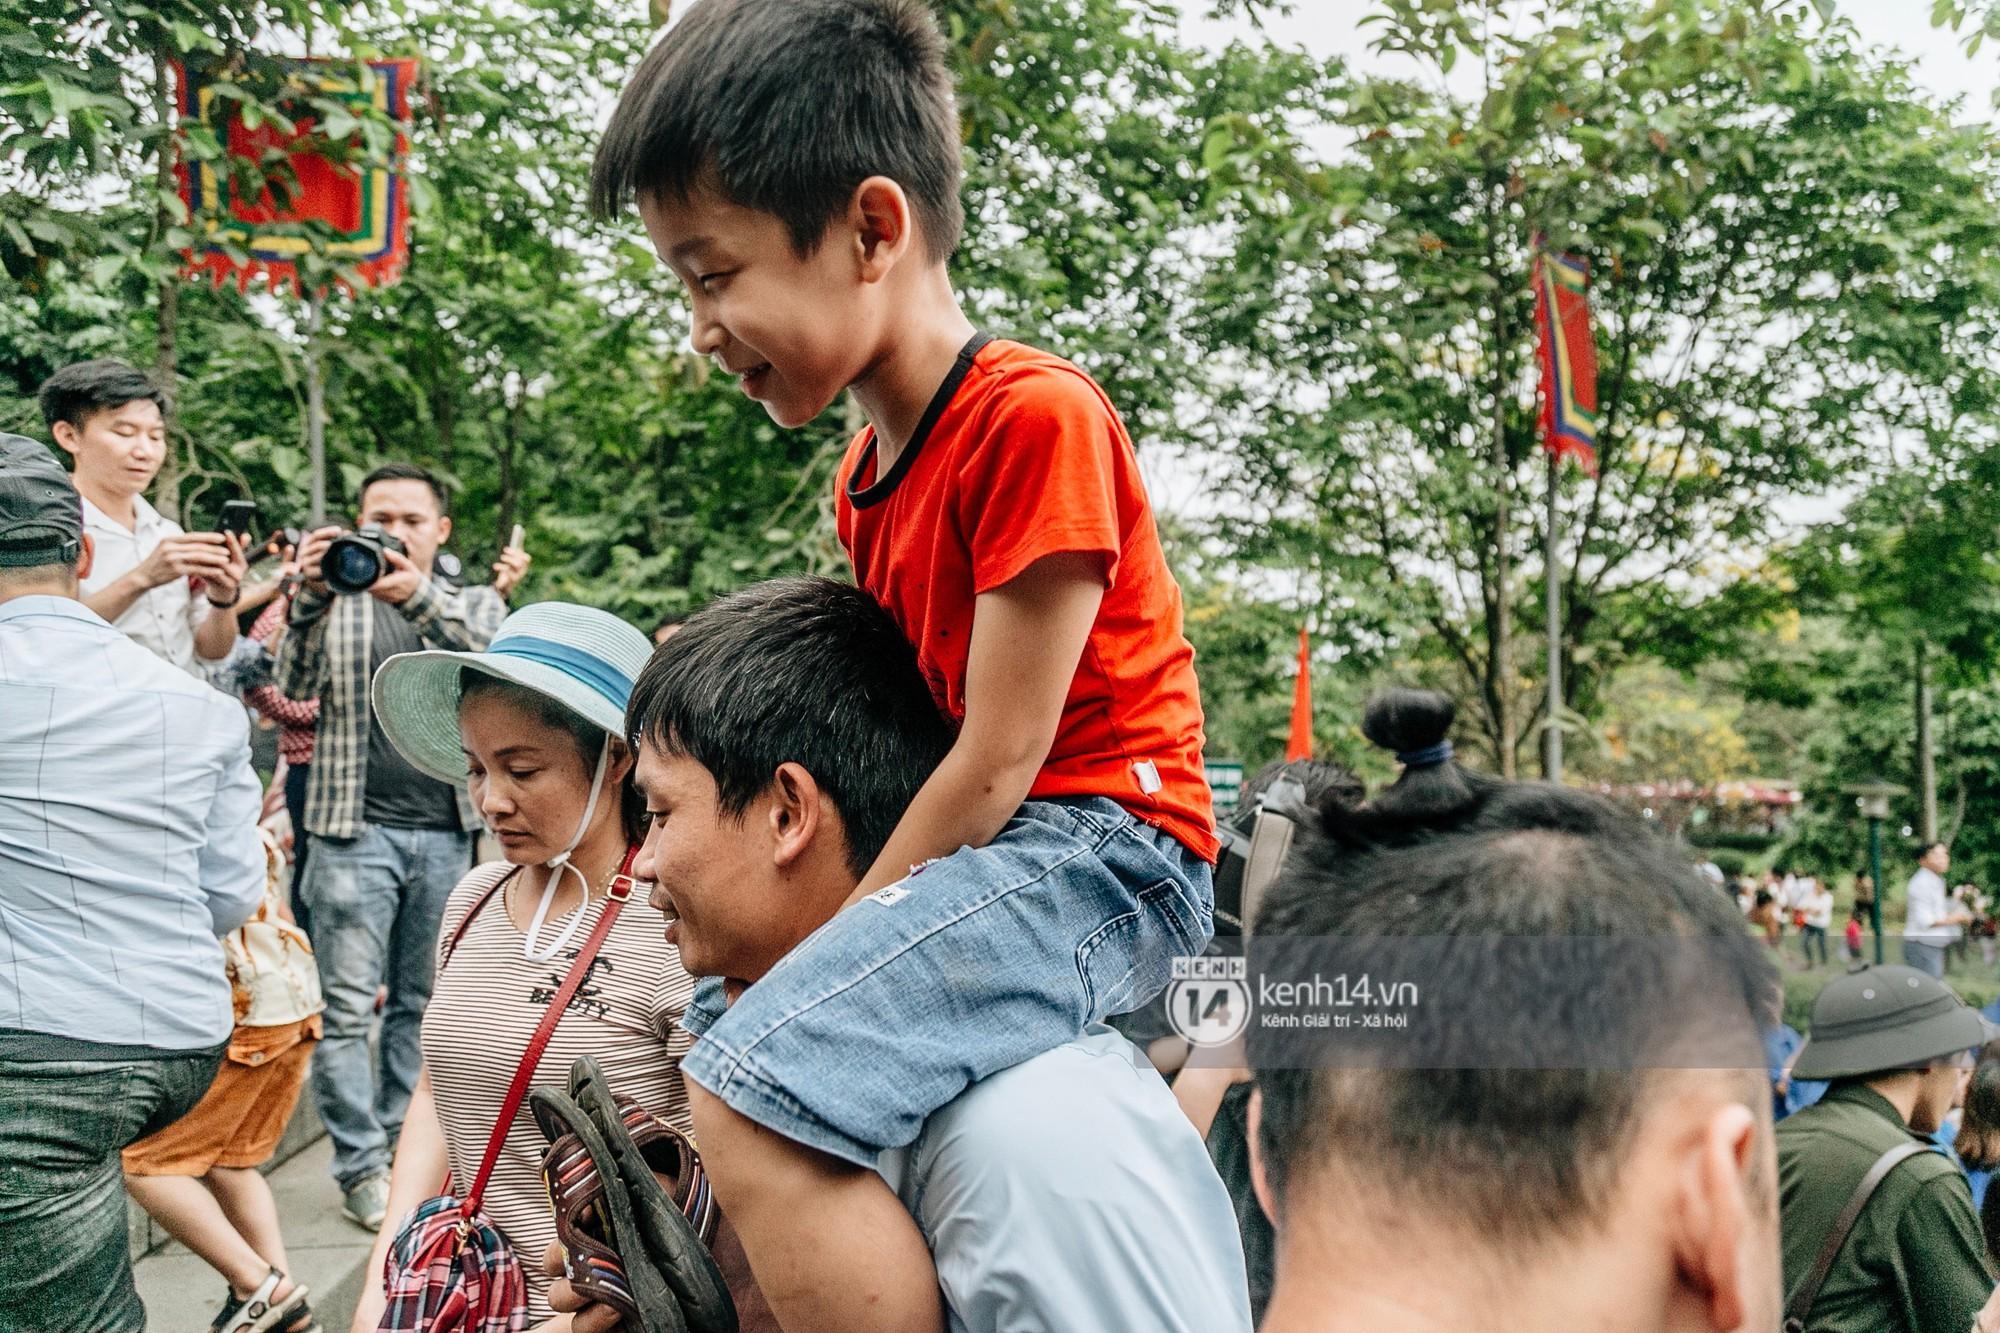 Em nhỏ hoảng sợ khóc thét, được người nhà lôi kéo chen chúc giữa biển người tiến vào đền Hùng-22